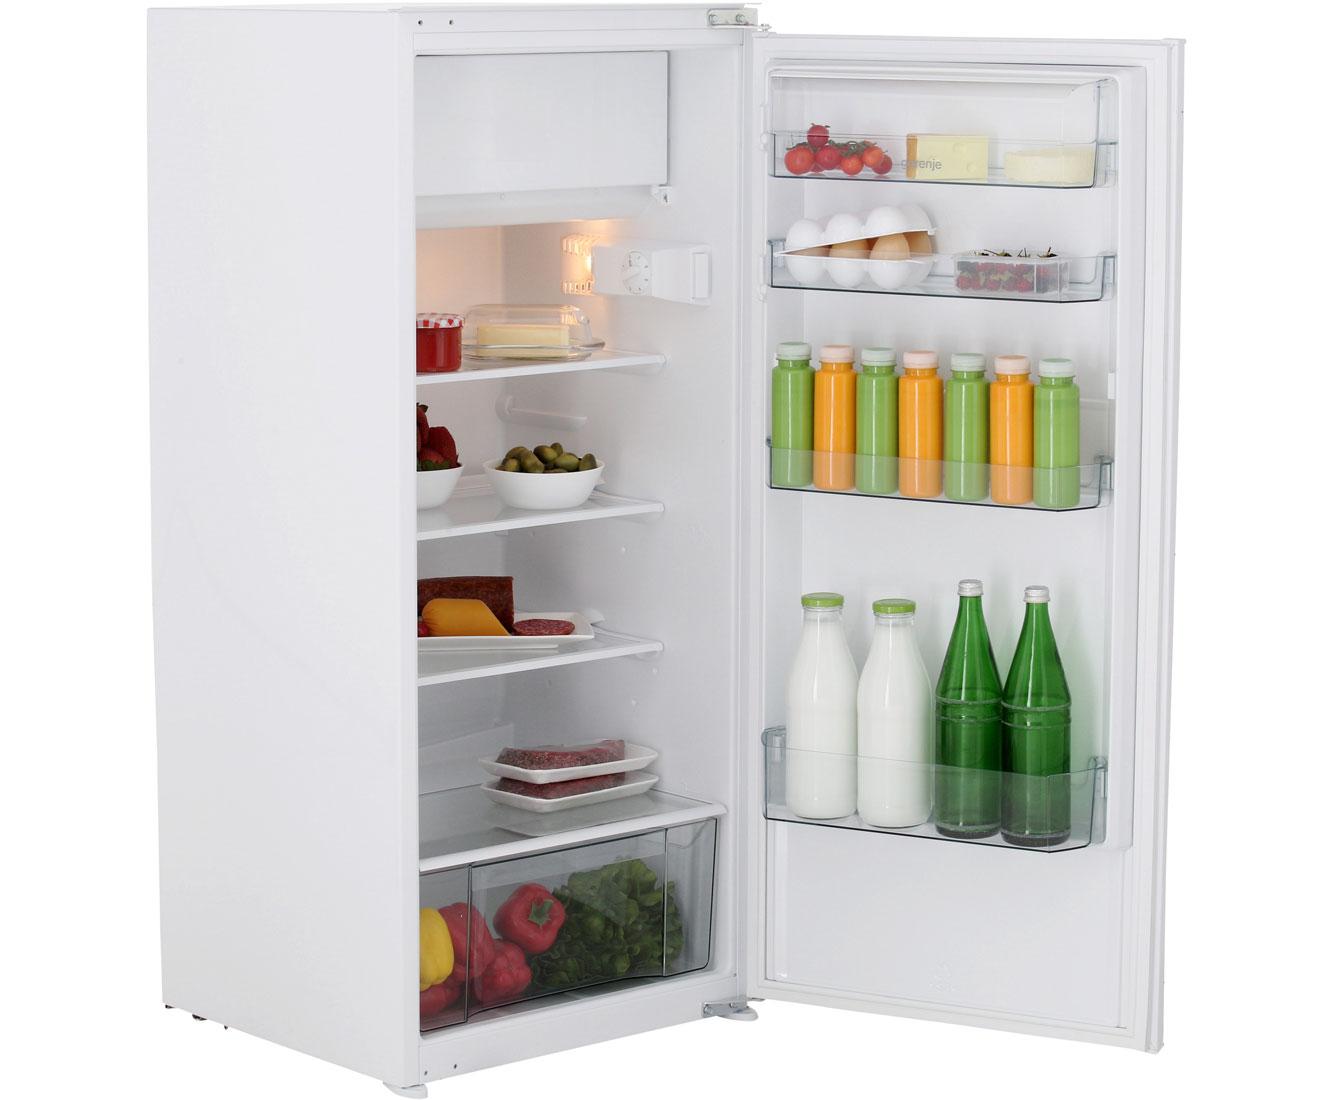 Gorenje Kühlschrank Nostalgie : Kühlschrank retro gorenje kuhlschrank nostalgie ausgezeichnet